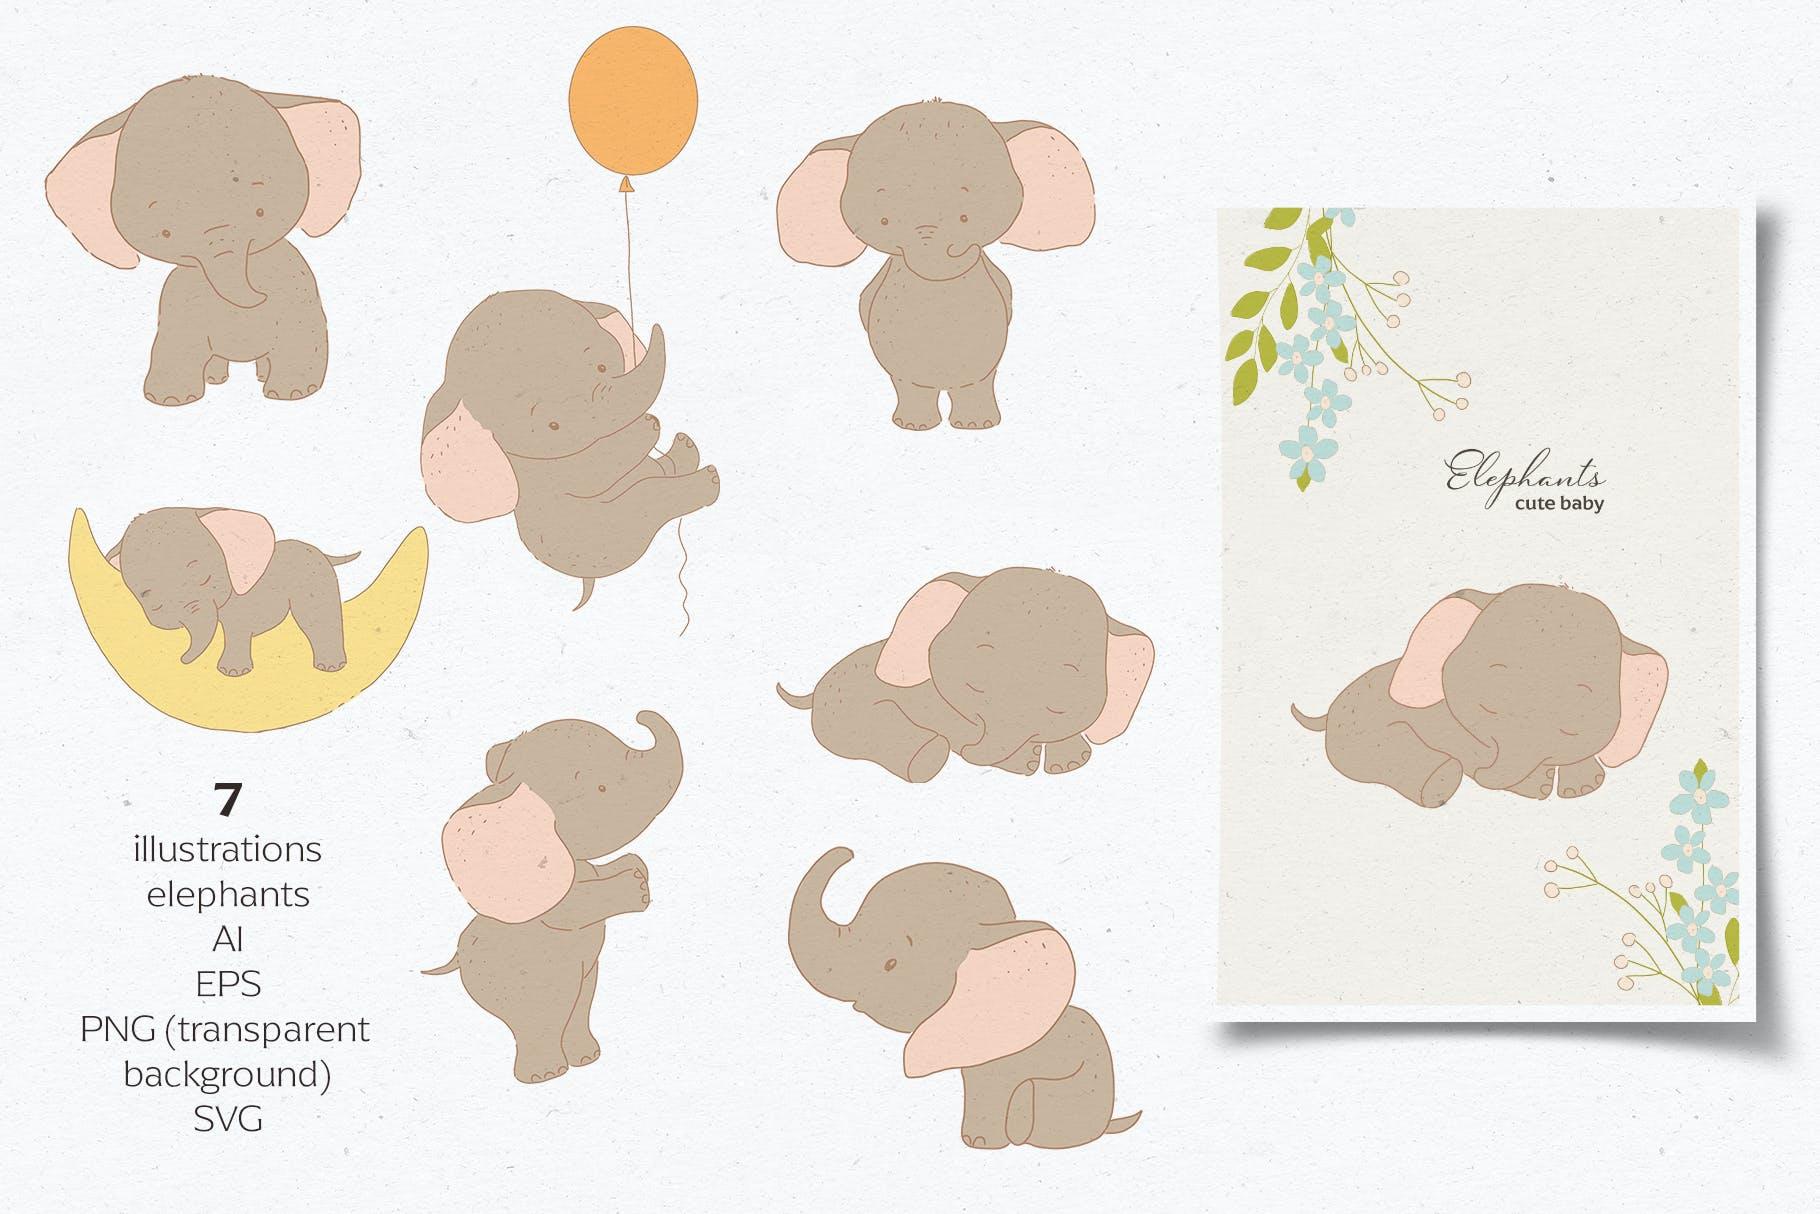 可爱卡通手绘大象花卉插画矢量素材 Baby Shower Elephants插图(1)